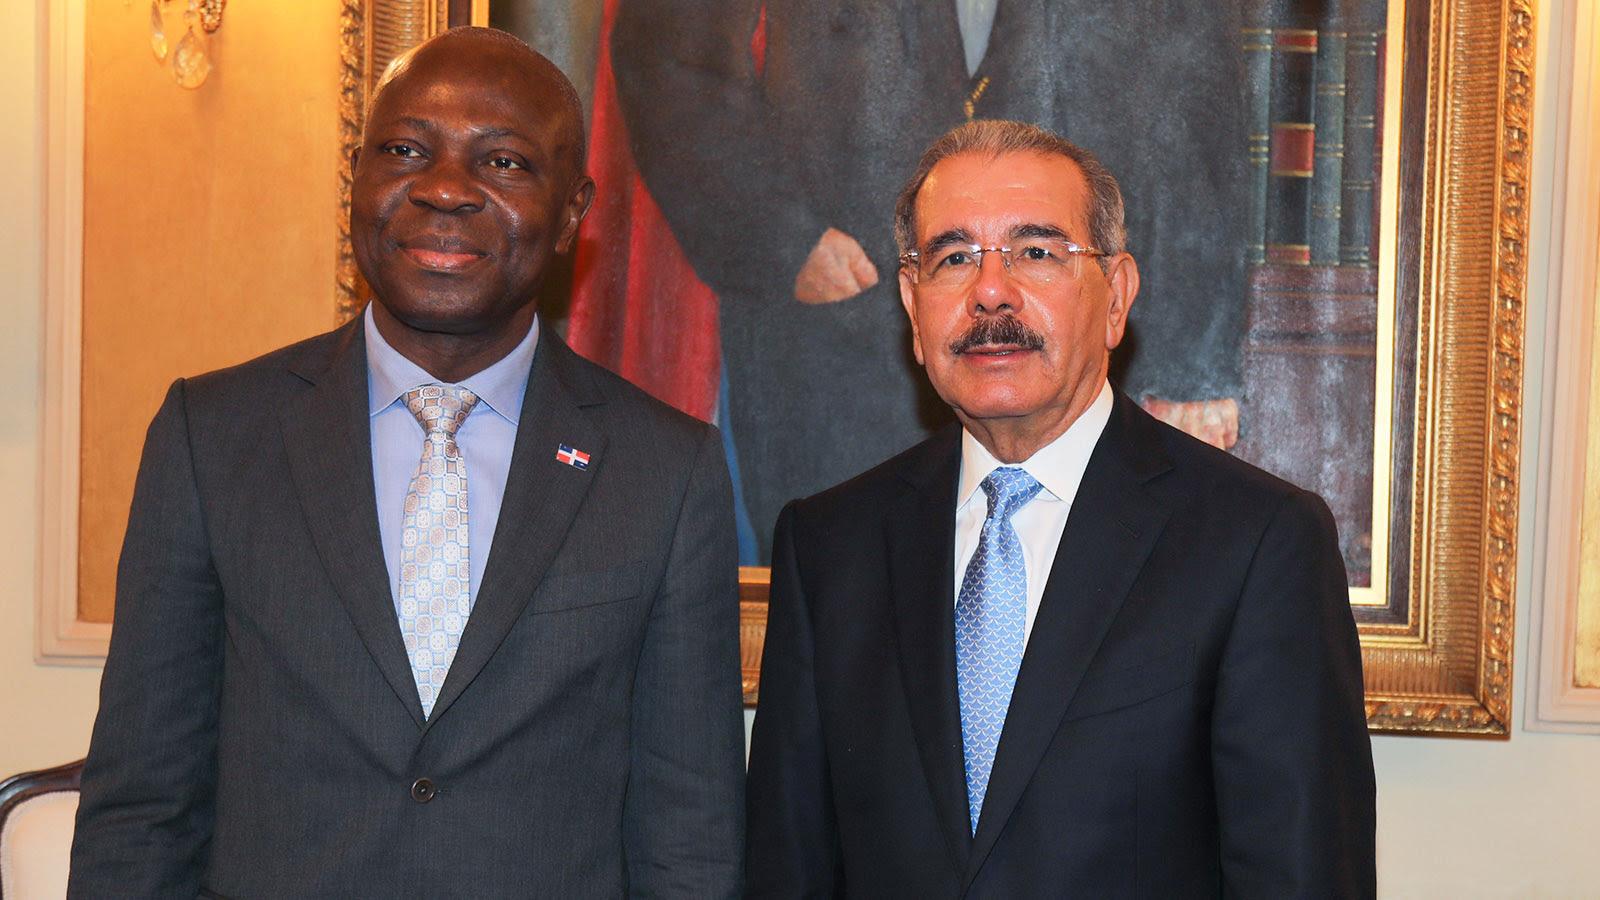 El FIDA replicará modelo lucha contra pobreza que desarrolla Danilo Medina